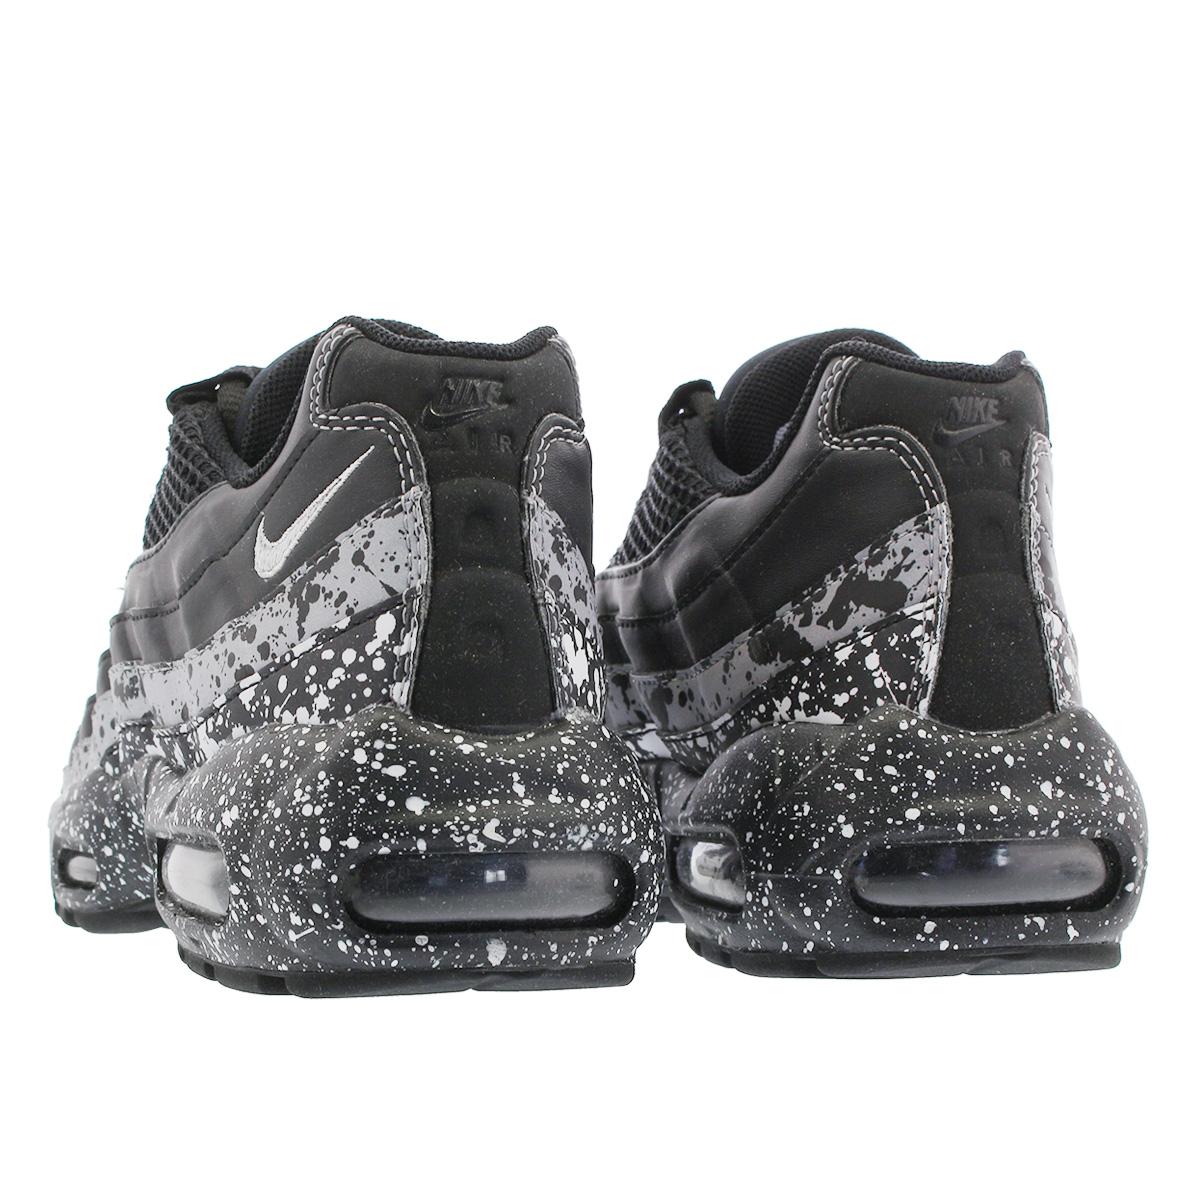 SELECT SHOP LOWTEX  NIKE WMNS AIR MAX 95 SE Nike women Air Max 95 SE ... 55e9e13ff